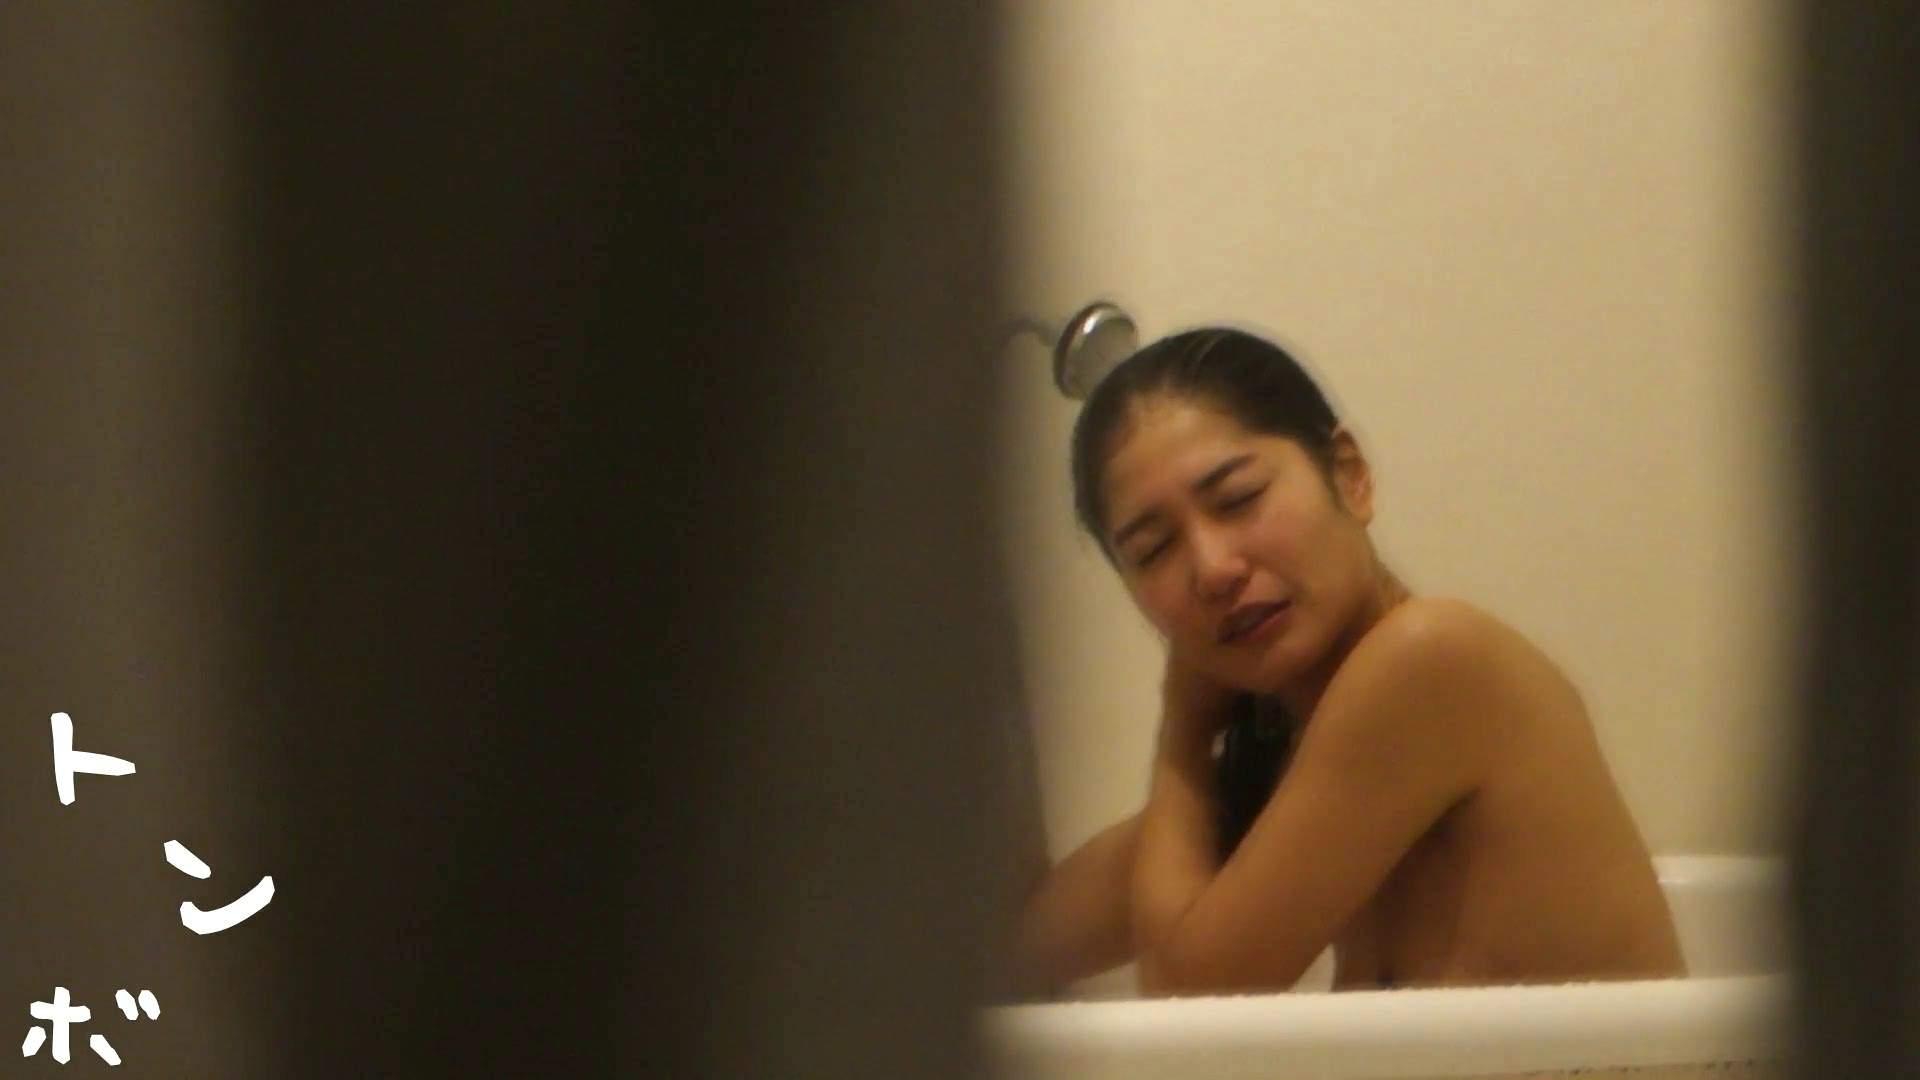 リアル盗撮 現役モデルのシャワーシーン2 潜入 盗撮セックス無修正動画無料 41連発 2